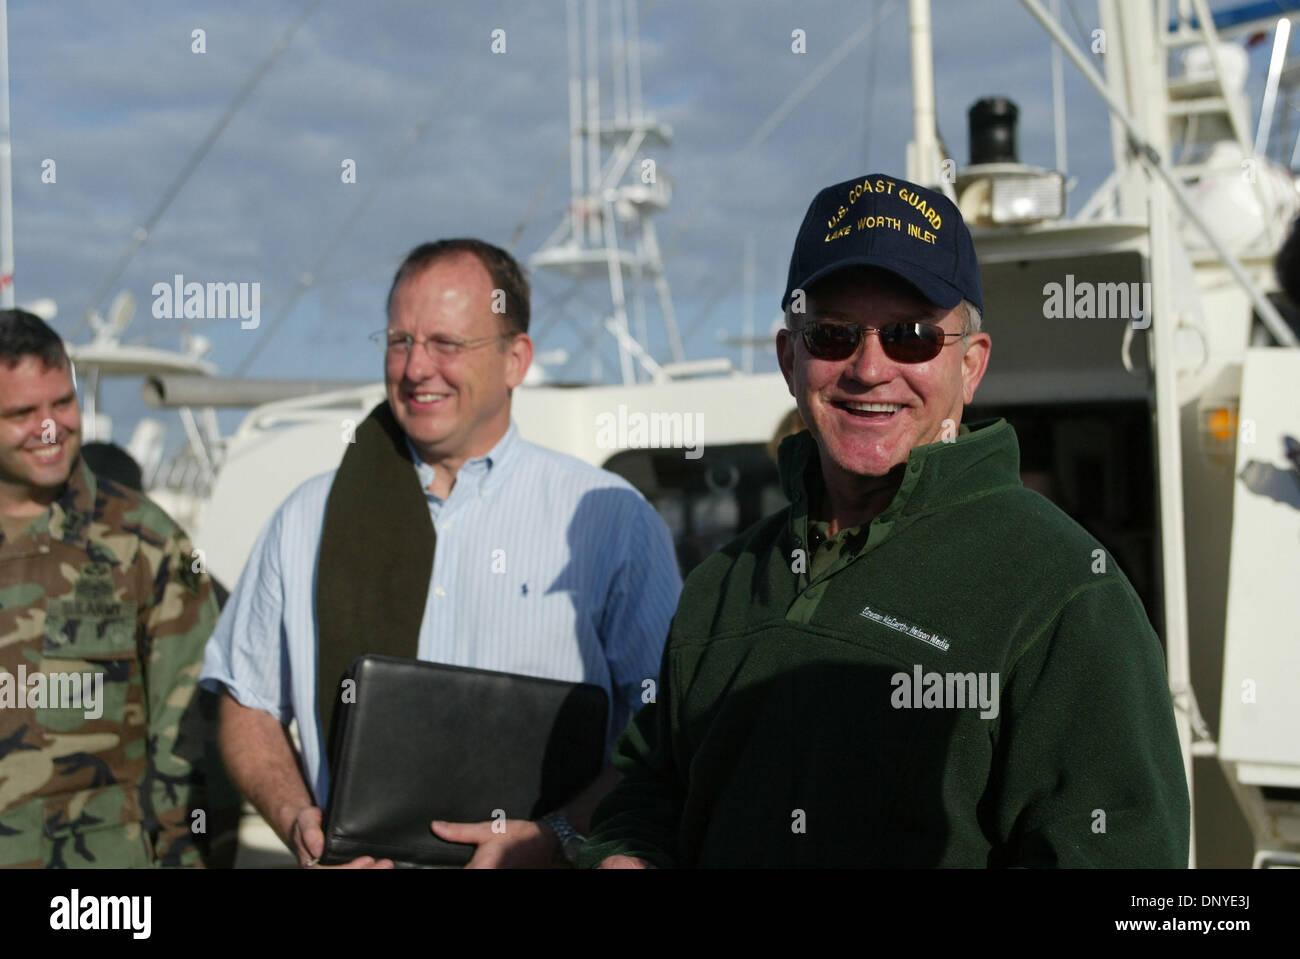 Jan 28, 2006; puerto de Salerno, FL, EEUU; el ex representante Mark Foley está en un centro de tratamiento del alcoholismo Foto de stock